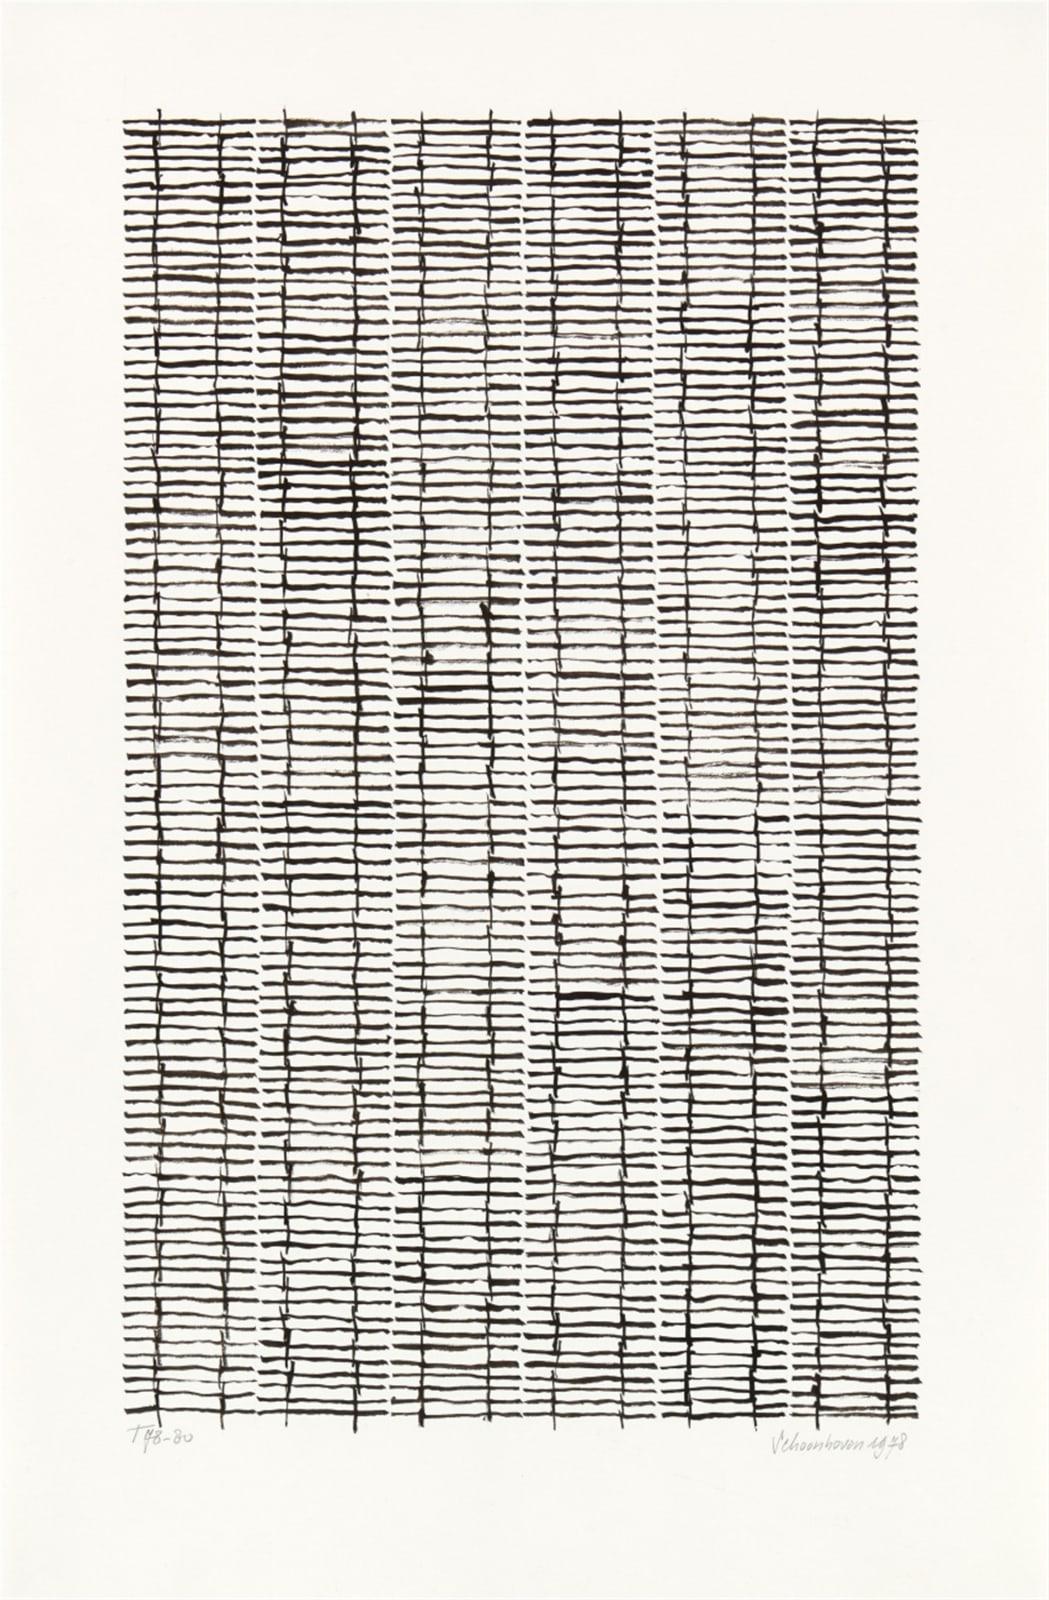 JAN SCHOONHOVEN, T 78-80, 1978